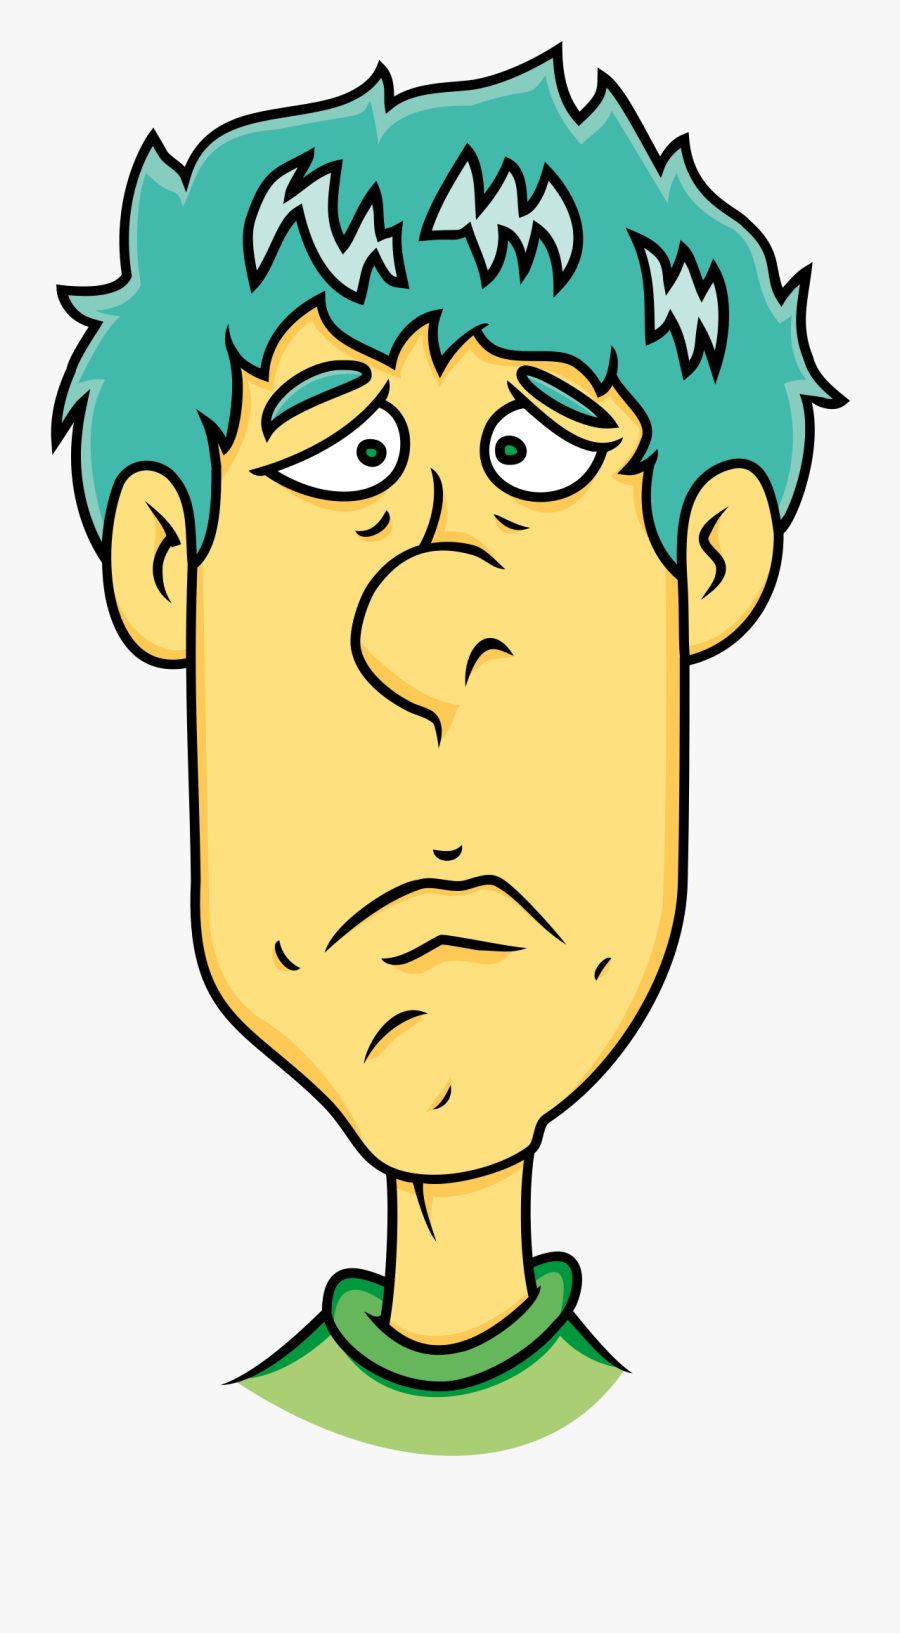 Face Of Sad Man - Cartoon Clipart Sad Man, Transparent Clipart